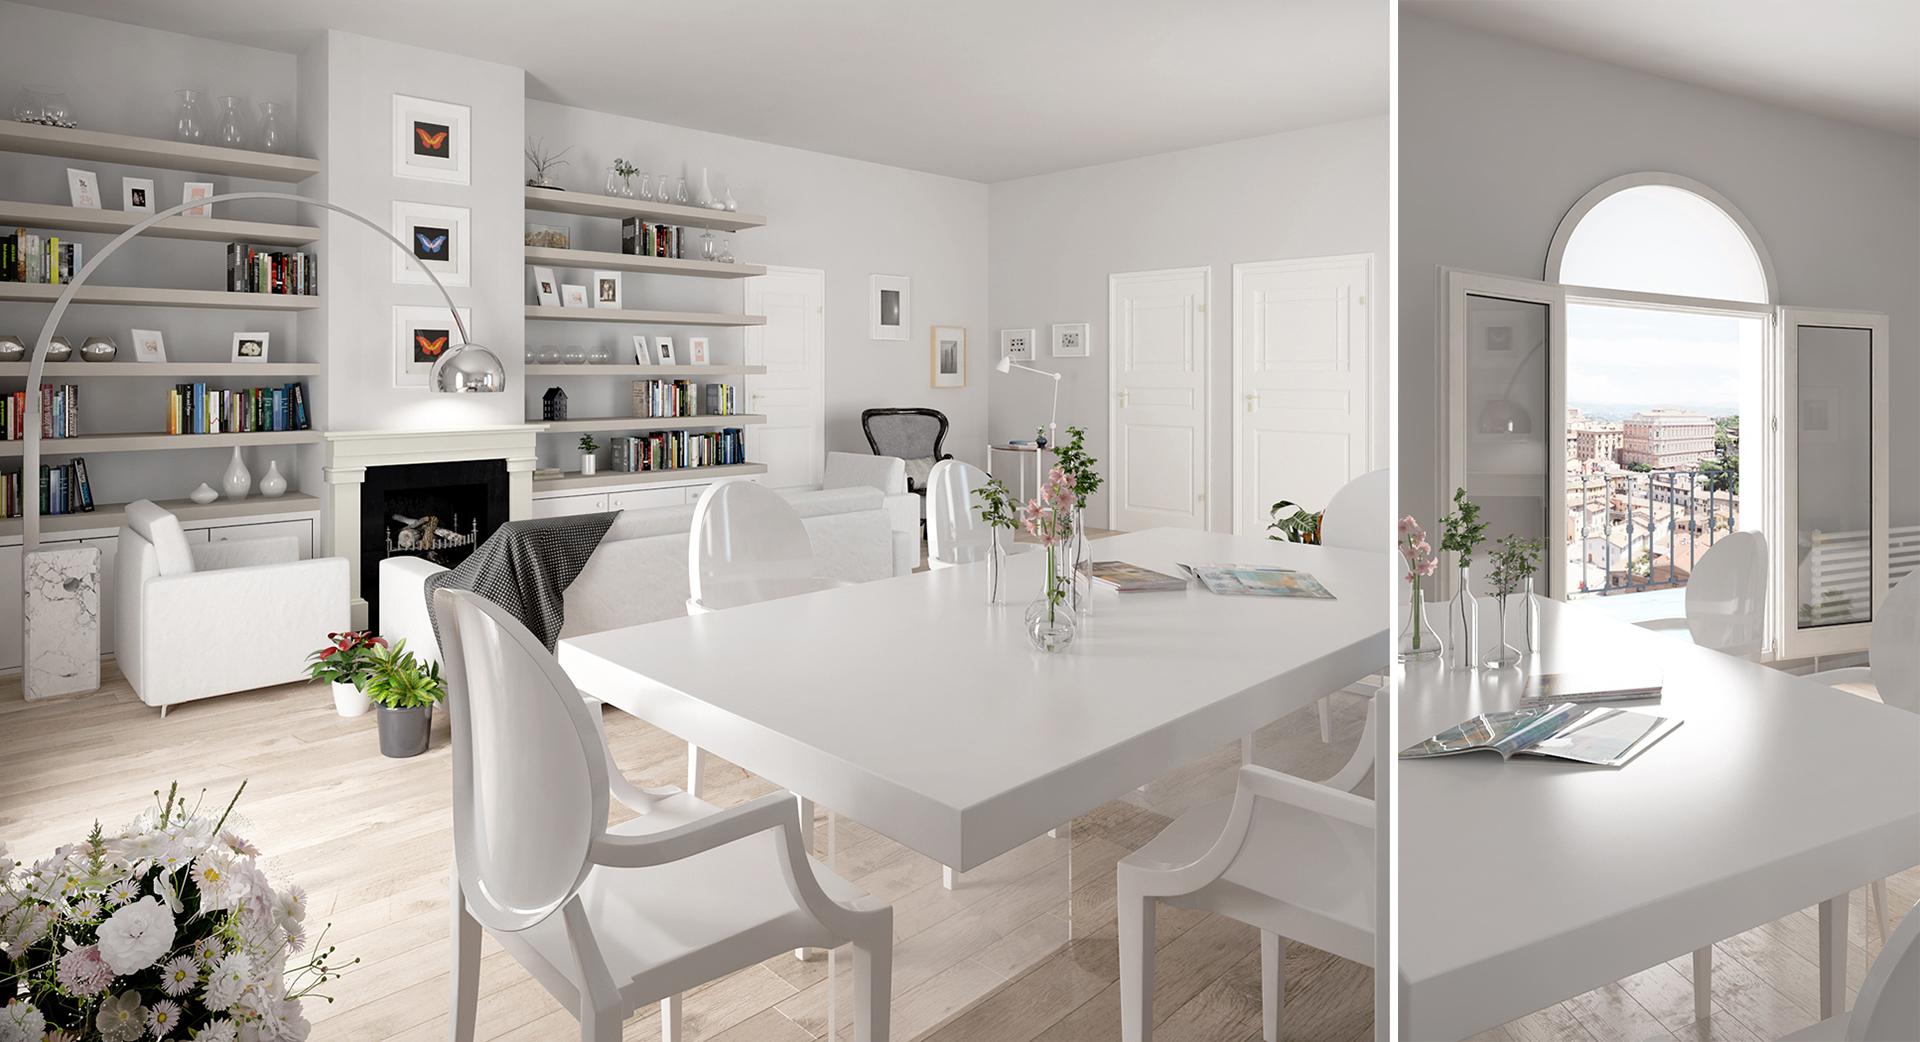 progetto di home staging di Francesco Aureli finalizzato alla vendita di un immobile a Perugia